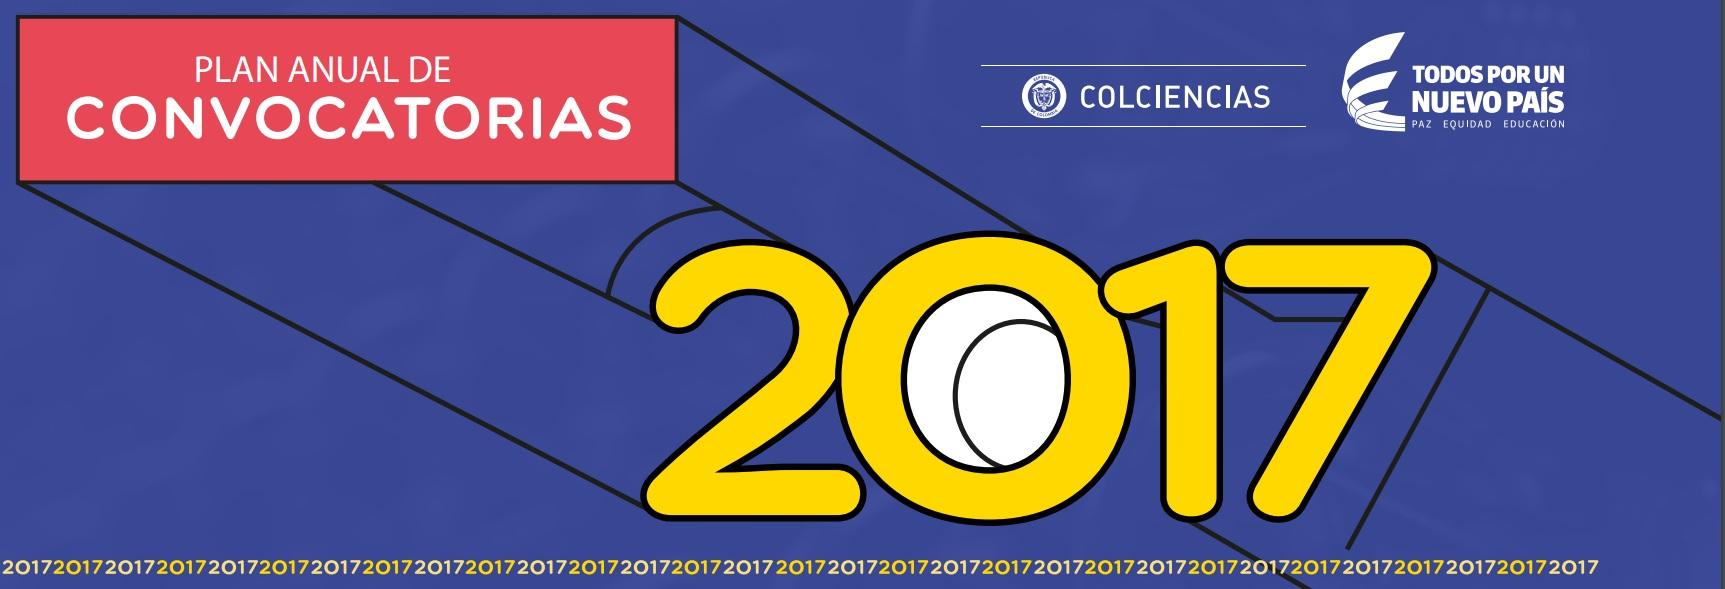 Convocatoria Colciencias 2017